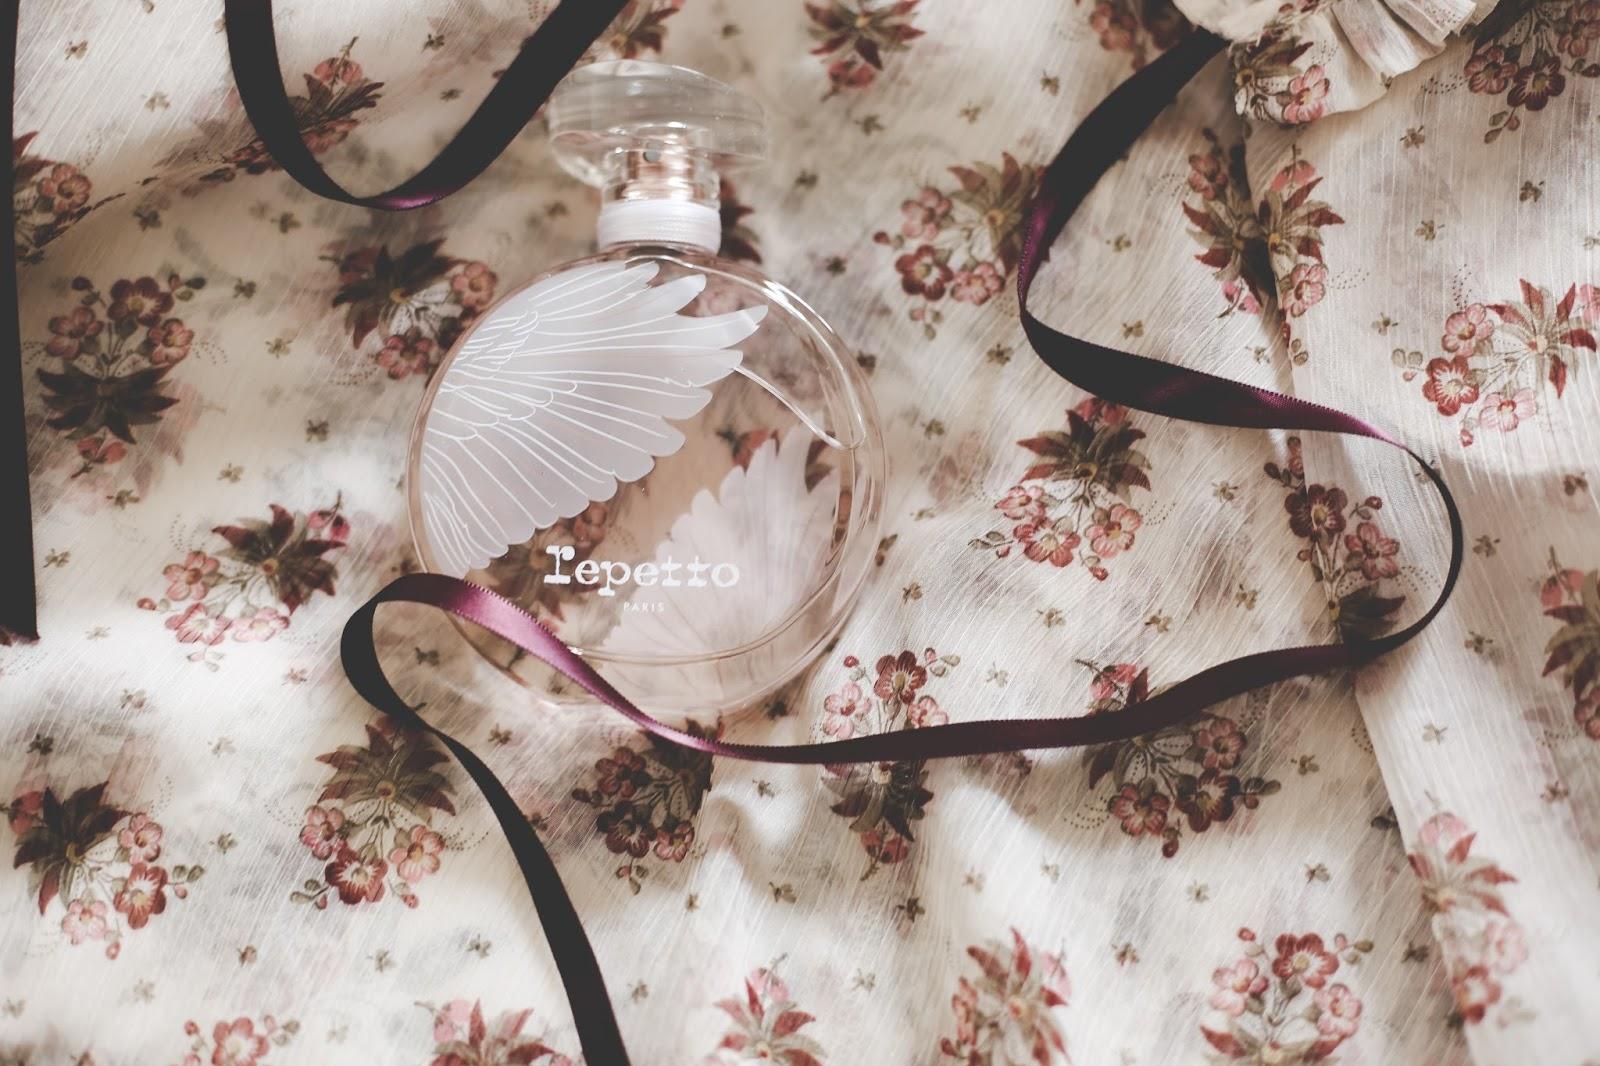 Parfum Le Ballet Blanc Repetto